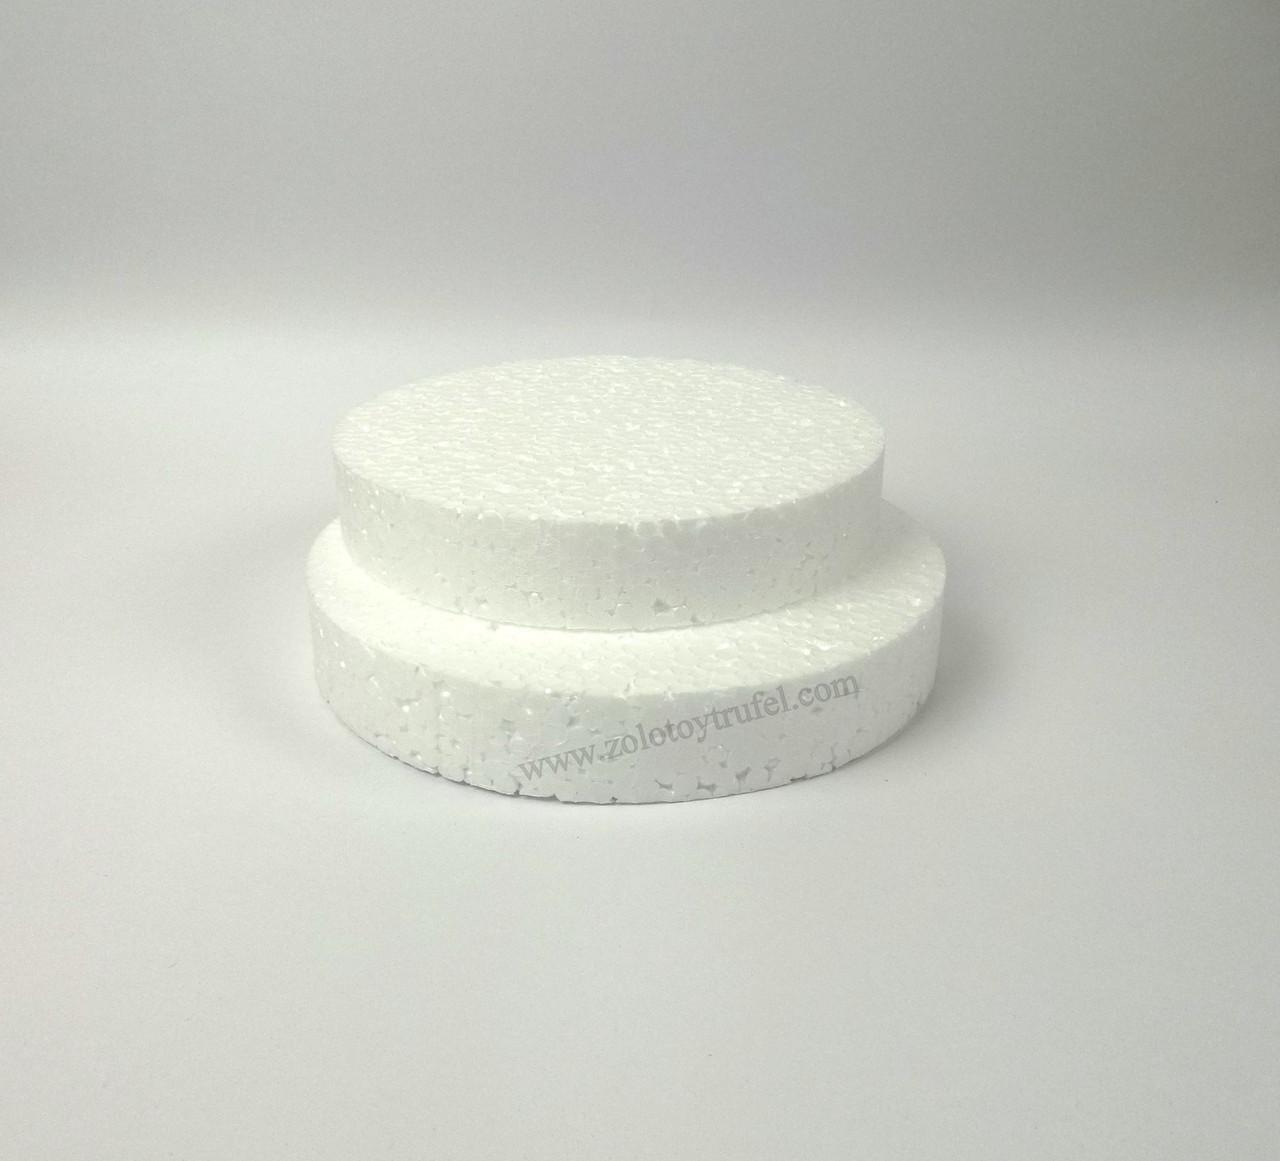 Прослойка пенопластовая для торта d 44 см h 3 см